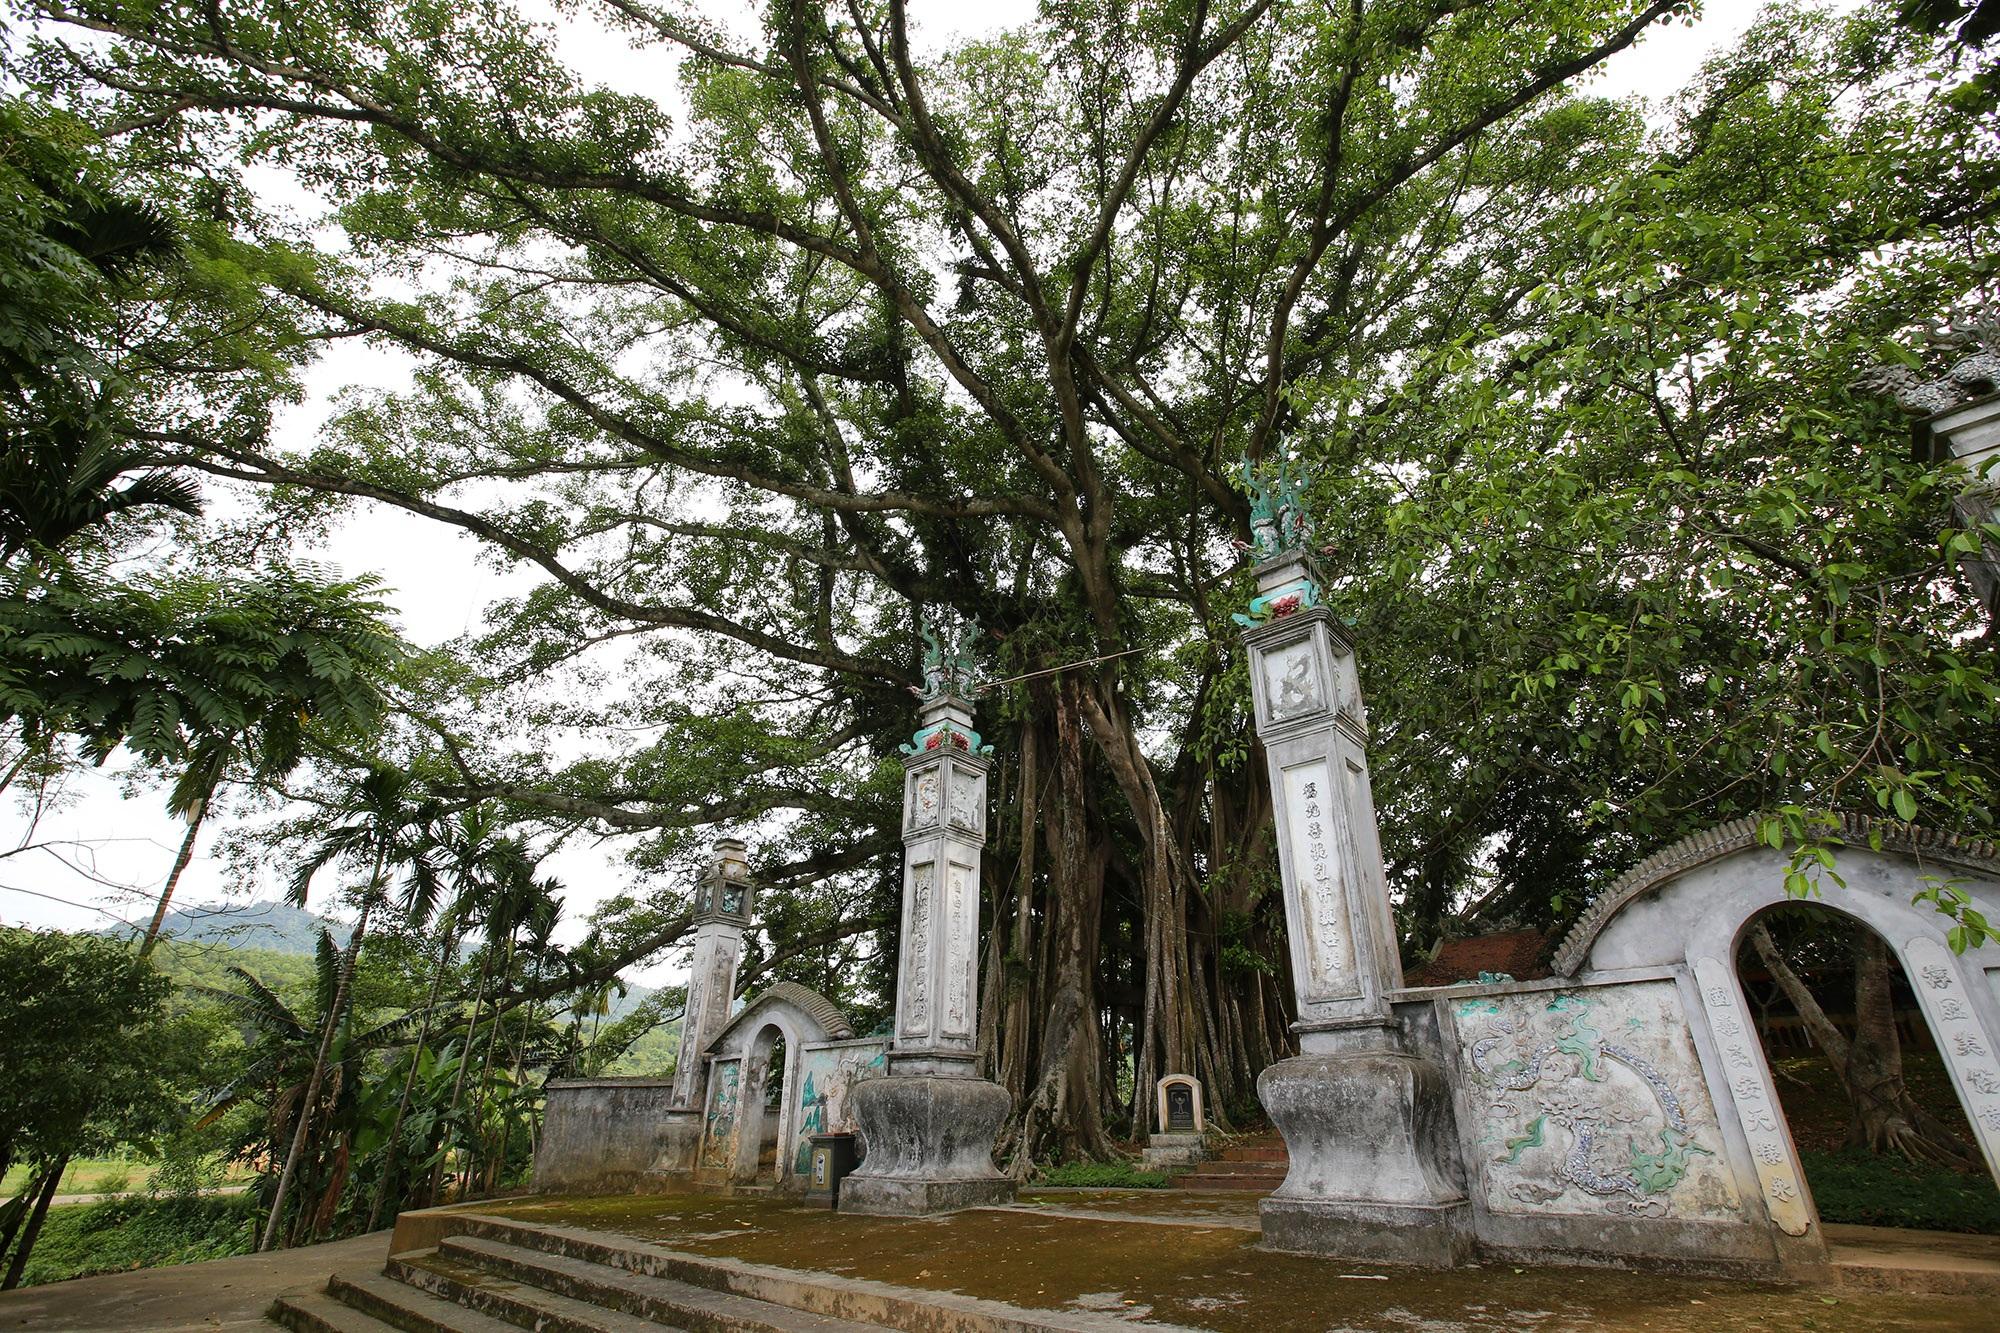 Tận mắt hai báu vật xanh tại vùng đất thiêng của Hà Nội - 2